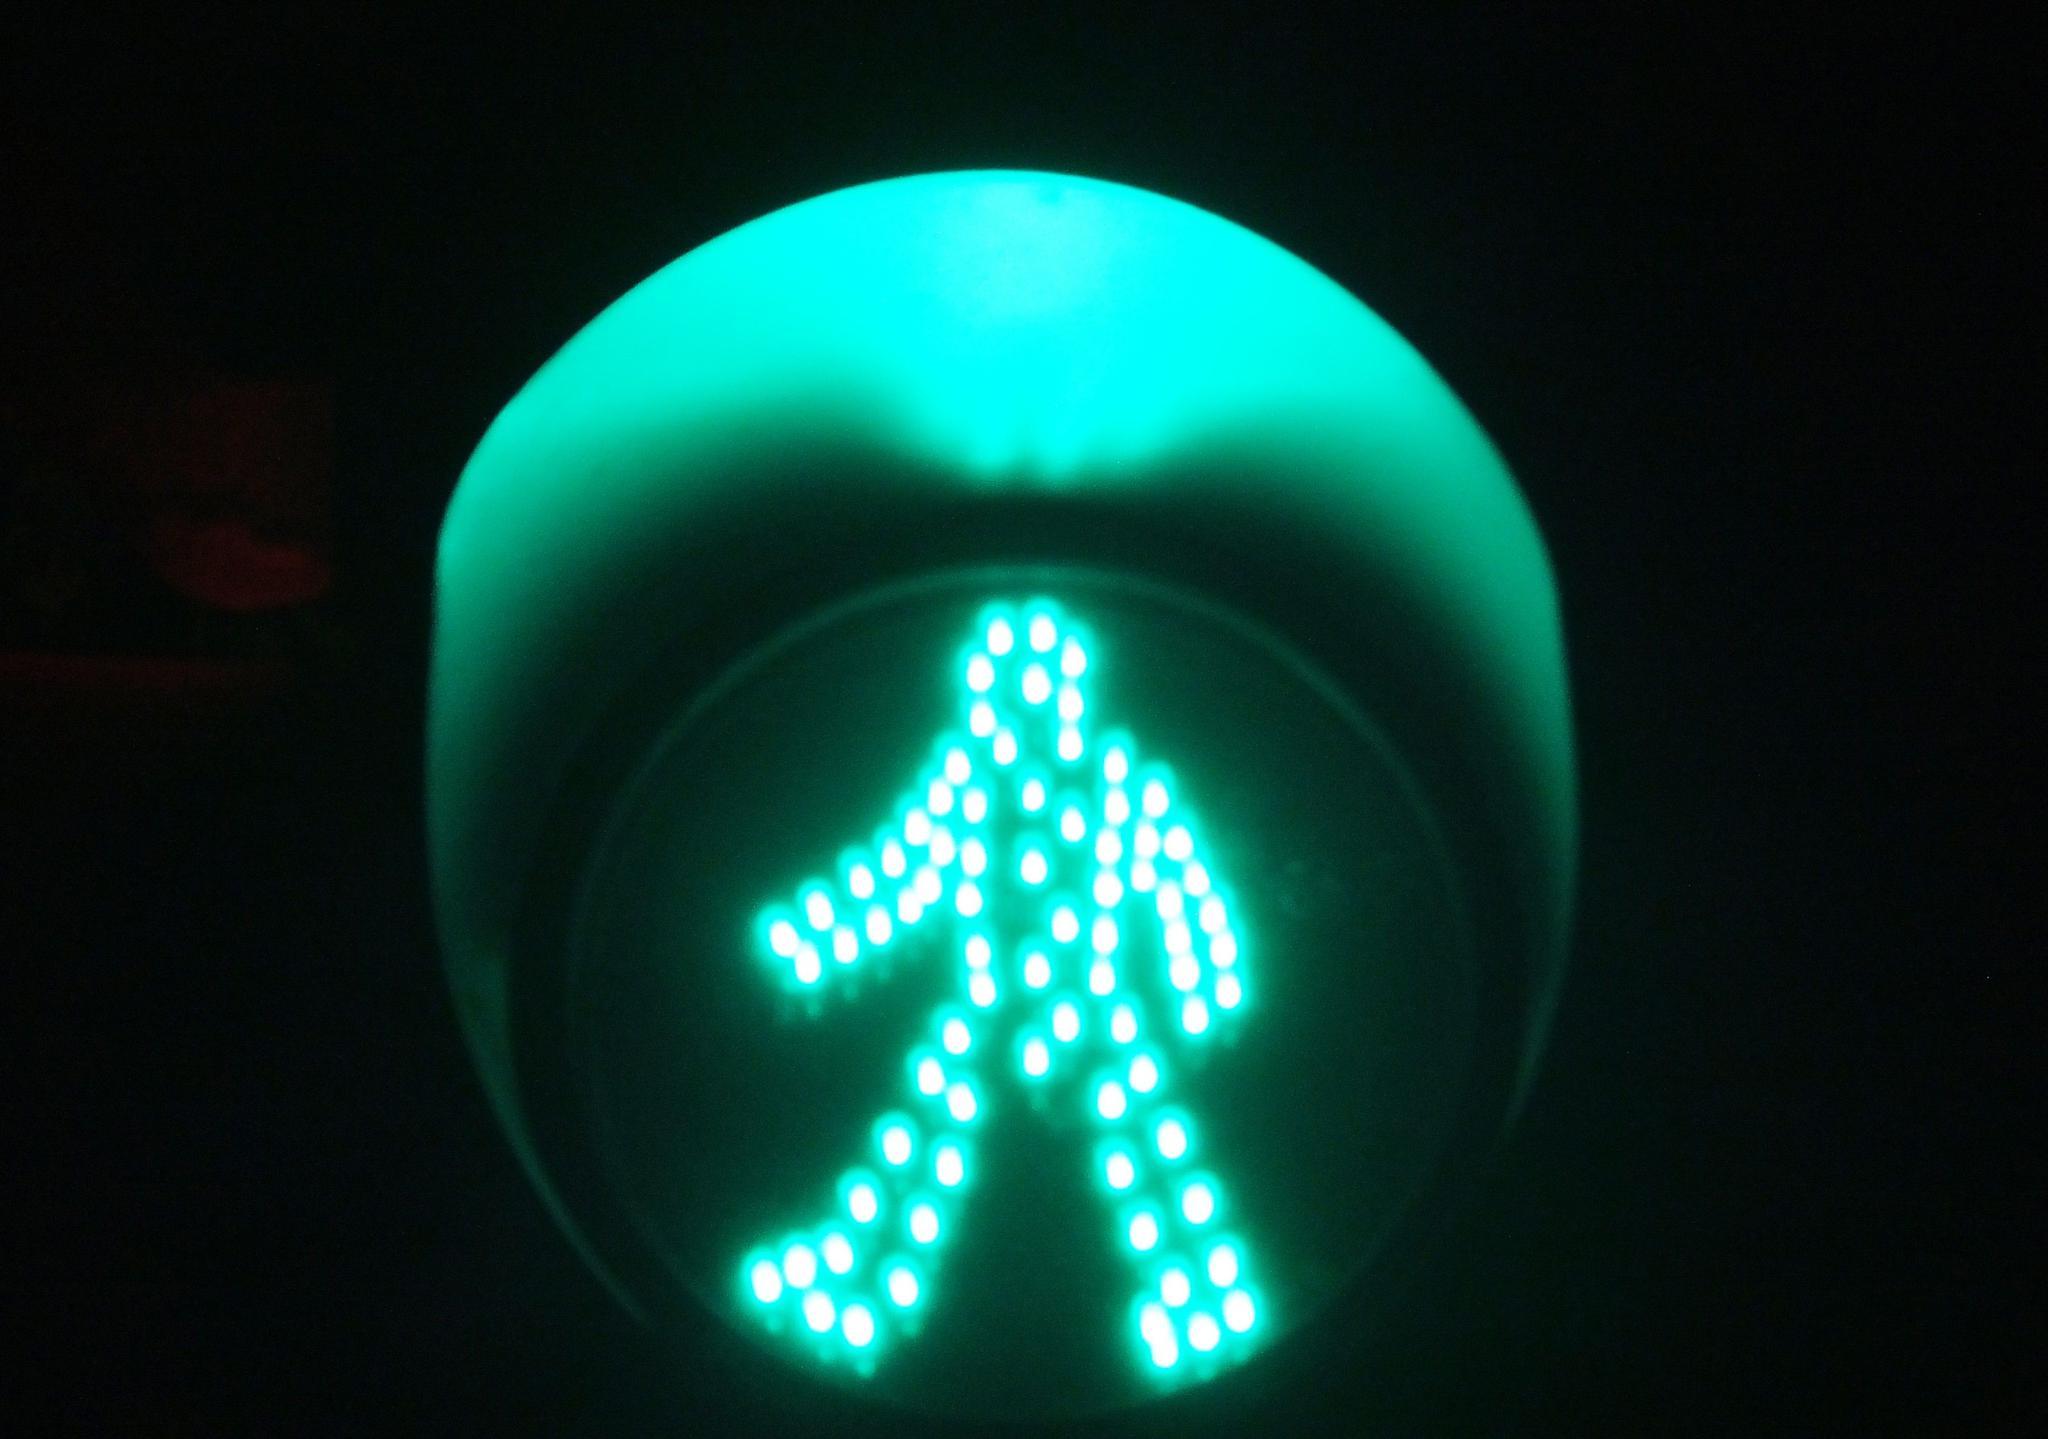 开封市区内这两处交通信号灯真奇葩,每次看到都让人哭笑不得